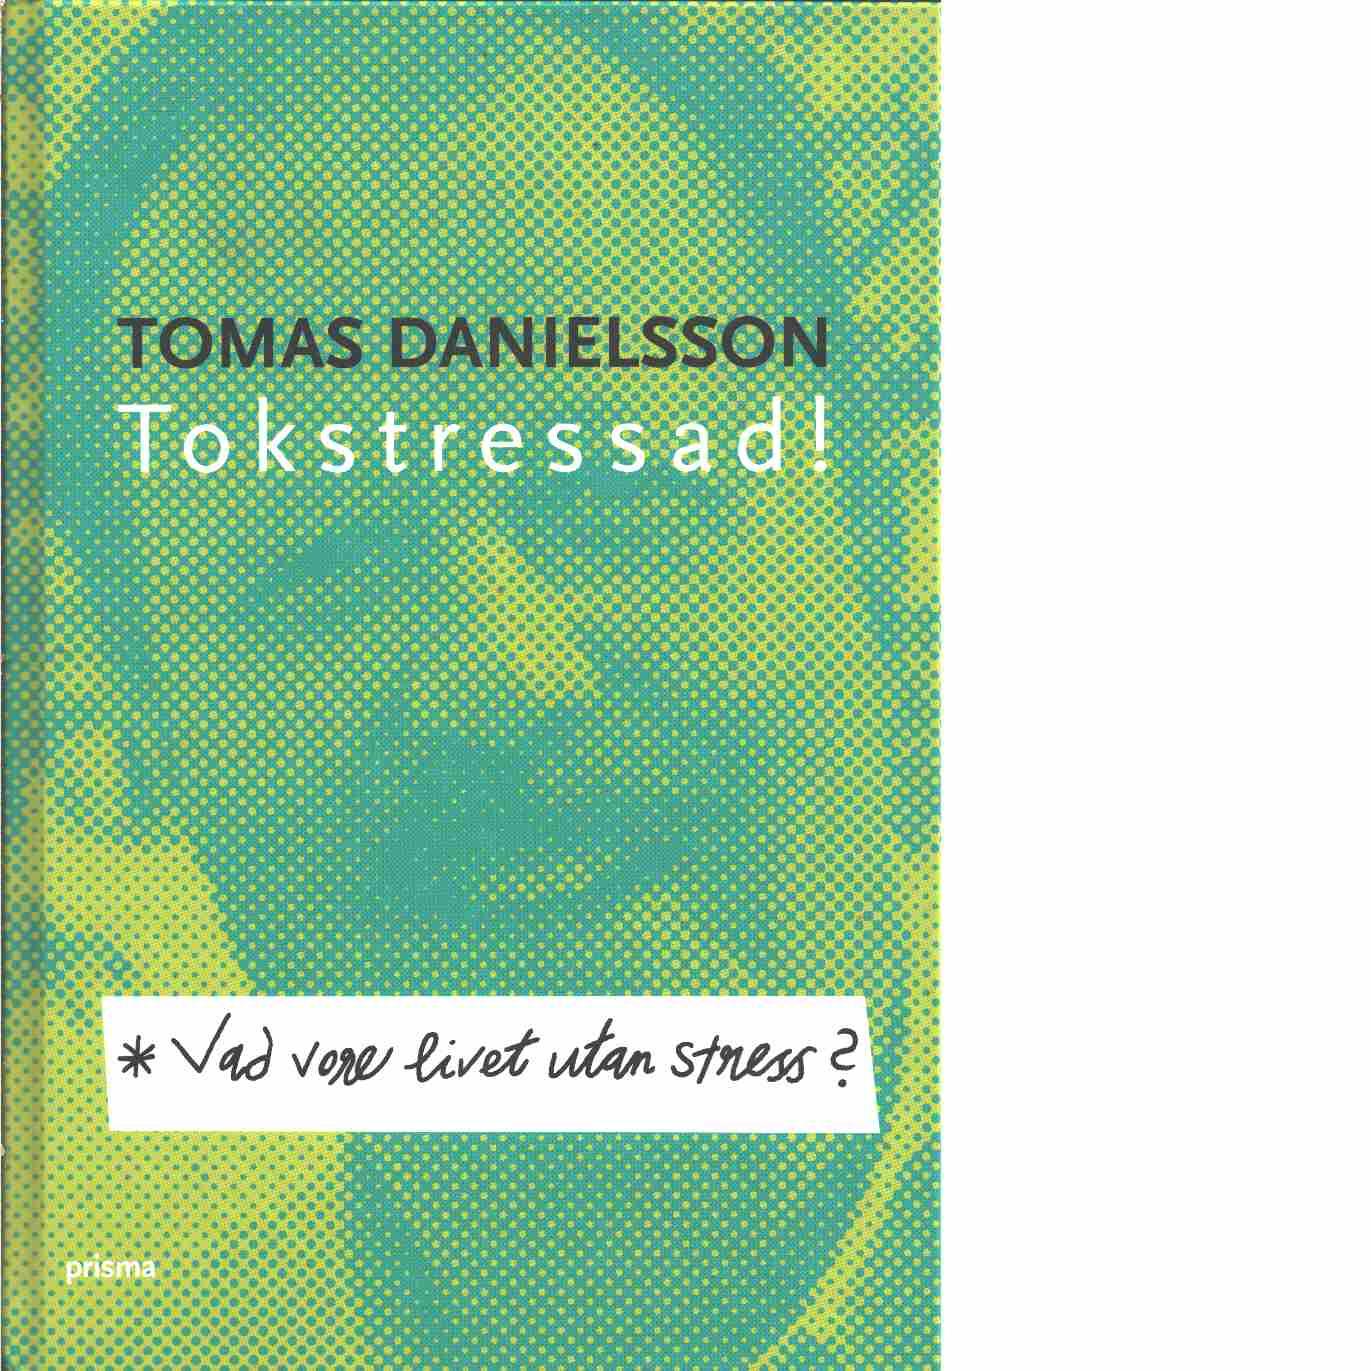 Vad vore livet utan stress? : om nödvändig och onödig stress och dess konsekvenser - Danielsson, Tomas